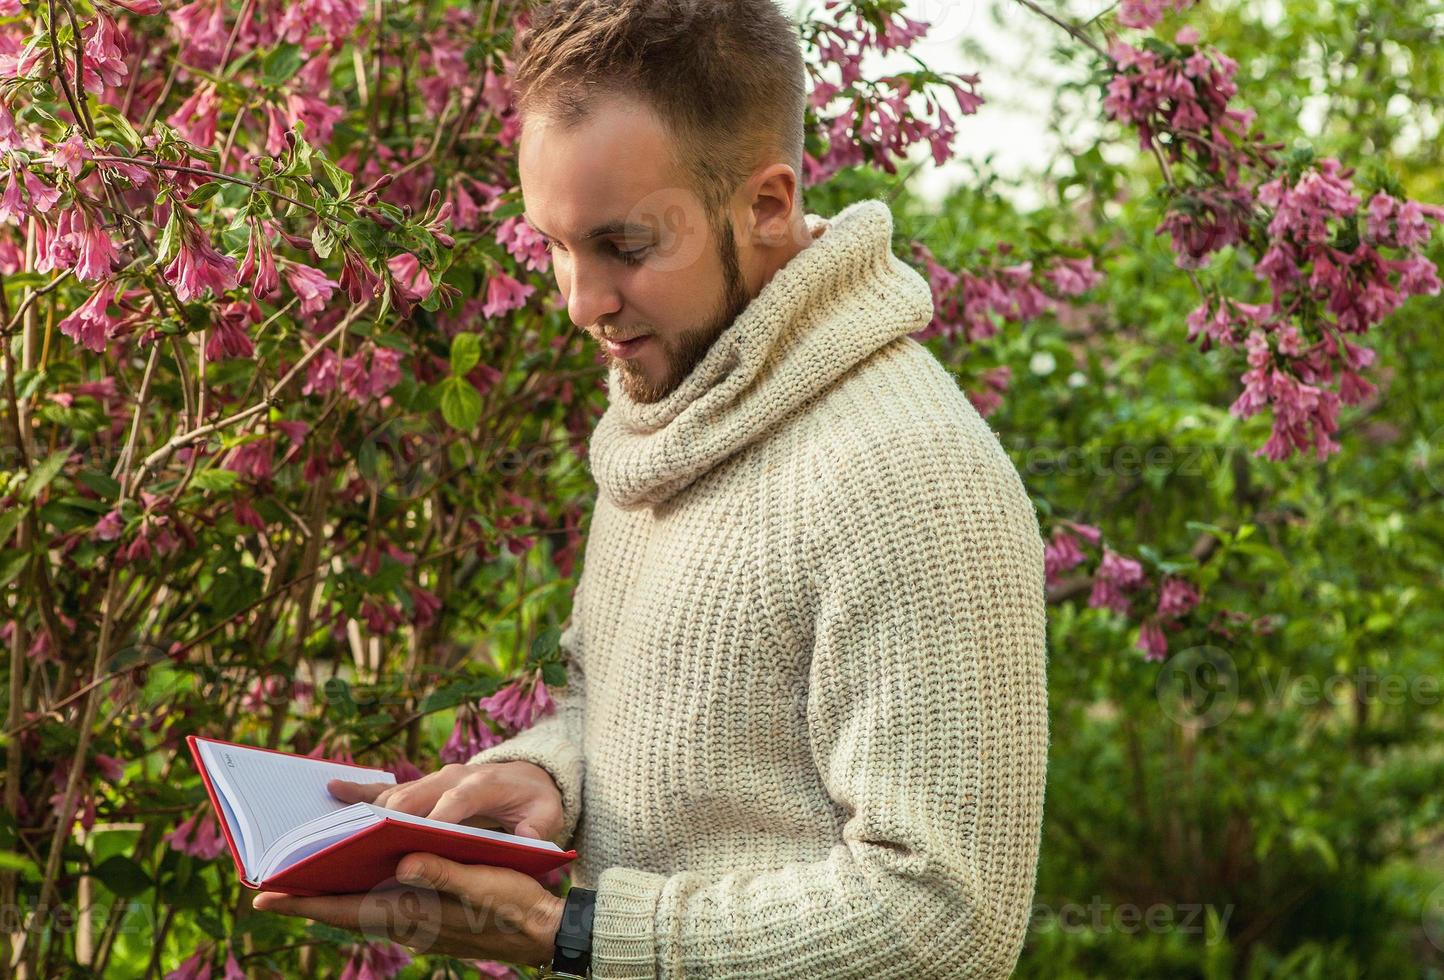 jovem amigável com livro vermelho em um jardim de verão. foto